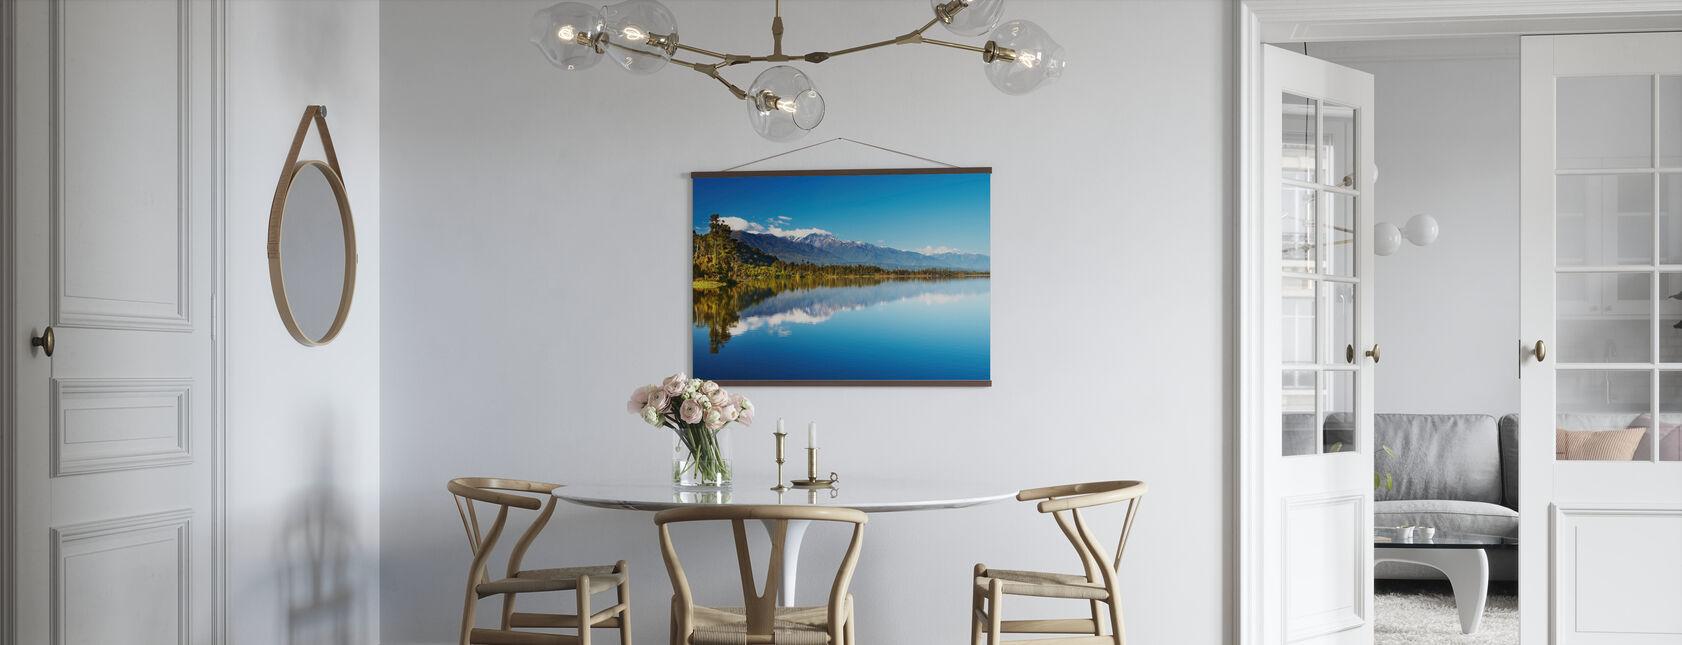 Beautiful lake, Nouvelle-Zélande - Affiche - Cuisine